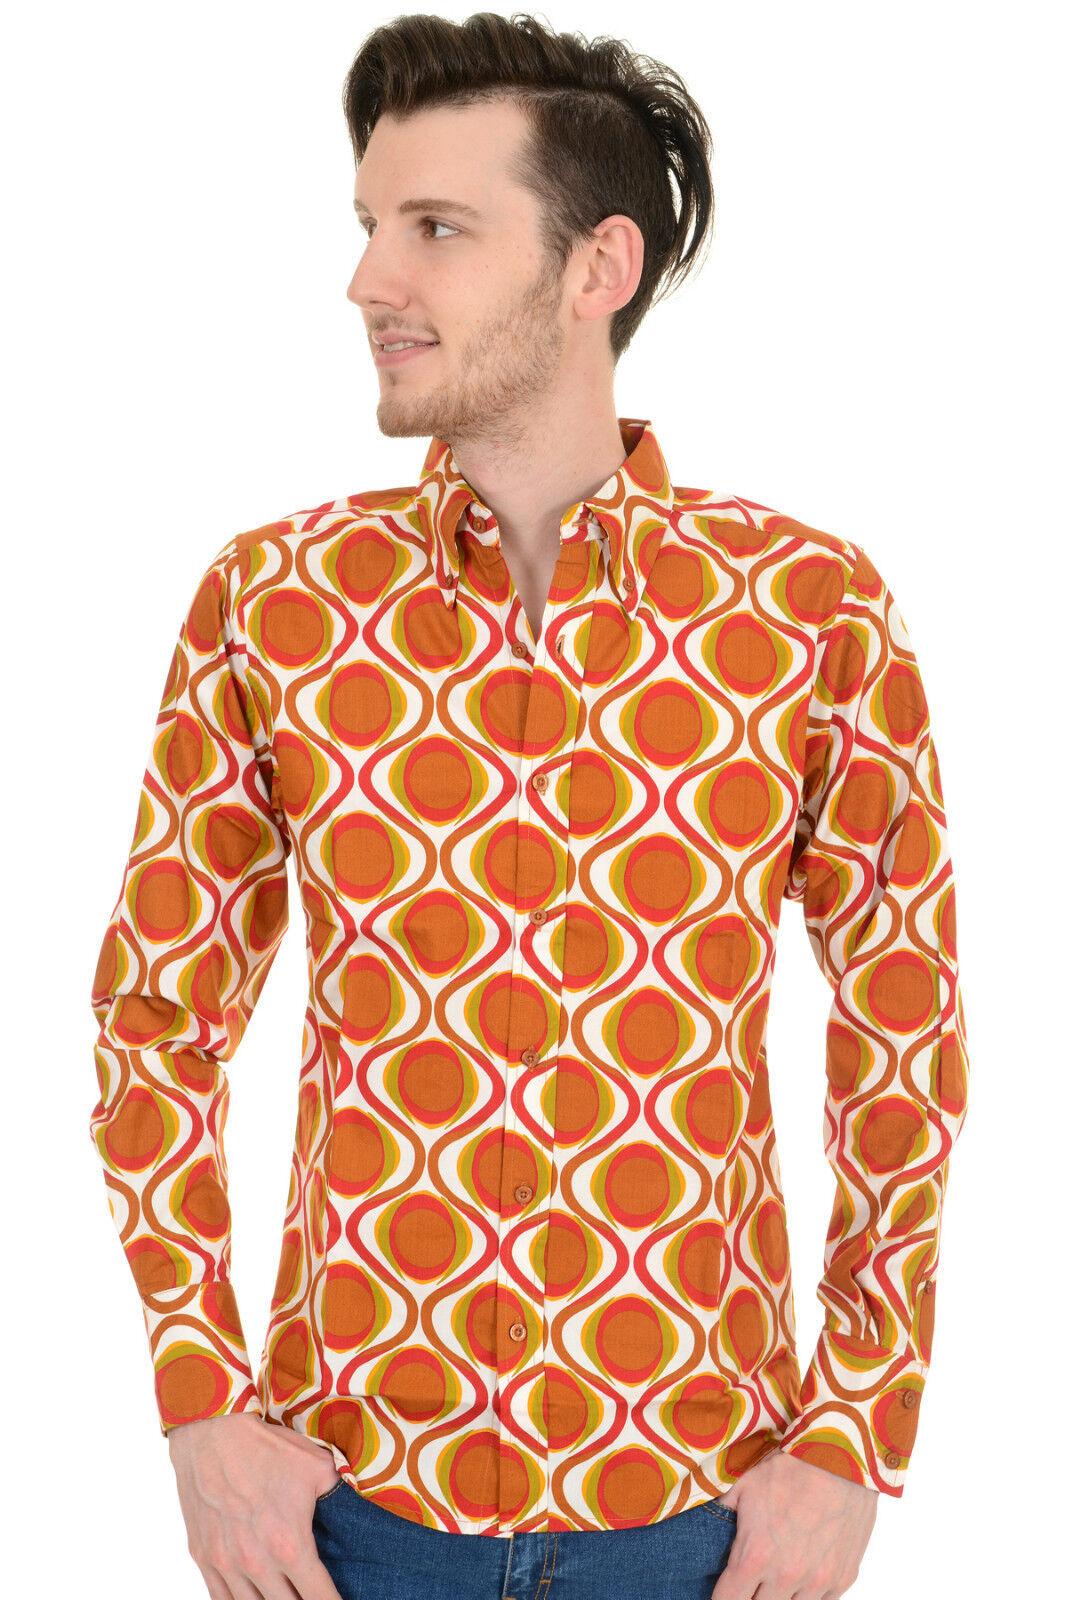 Mens Run & Fly Retro Mod Geometric Psychedelic Printed 70s Shirt  | Zahlreiche In Vielfalt  | Trendy  | Schönes Aussehen